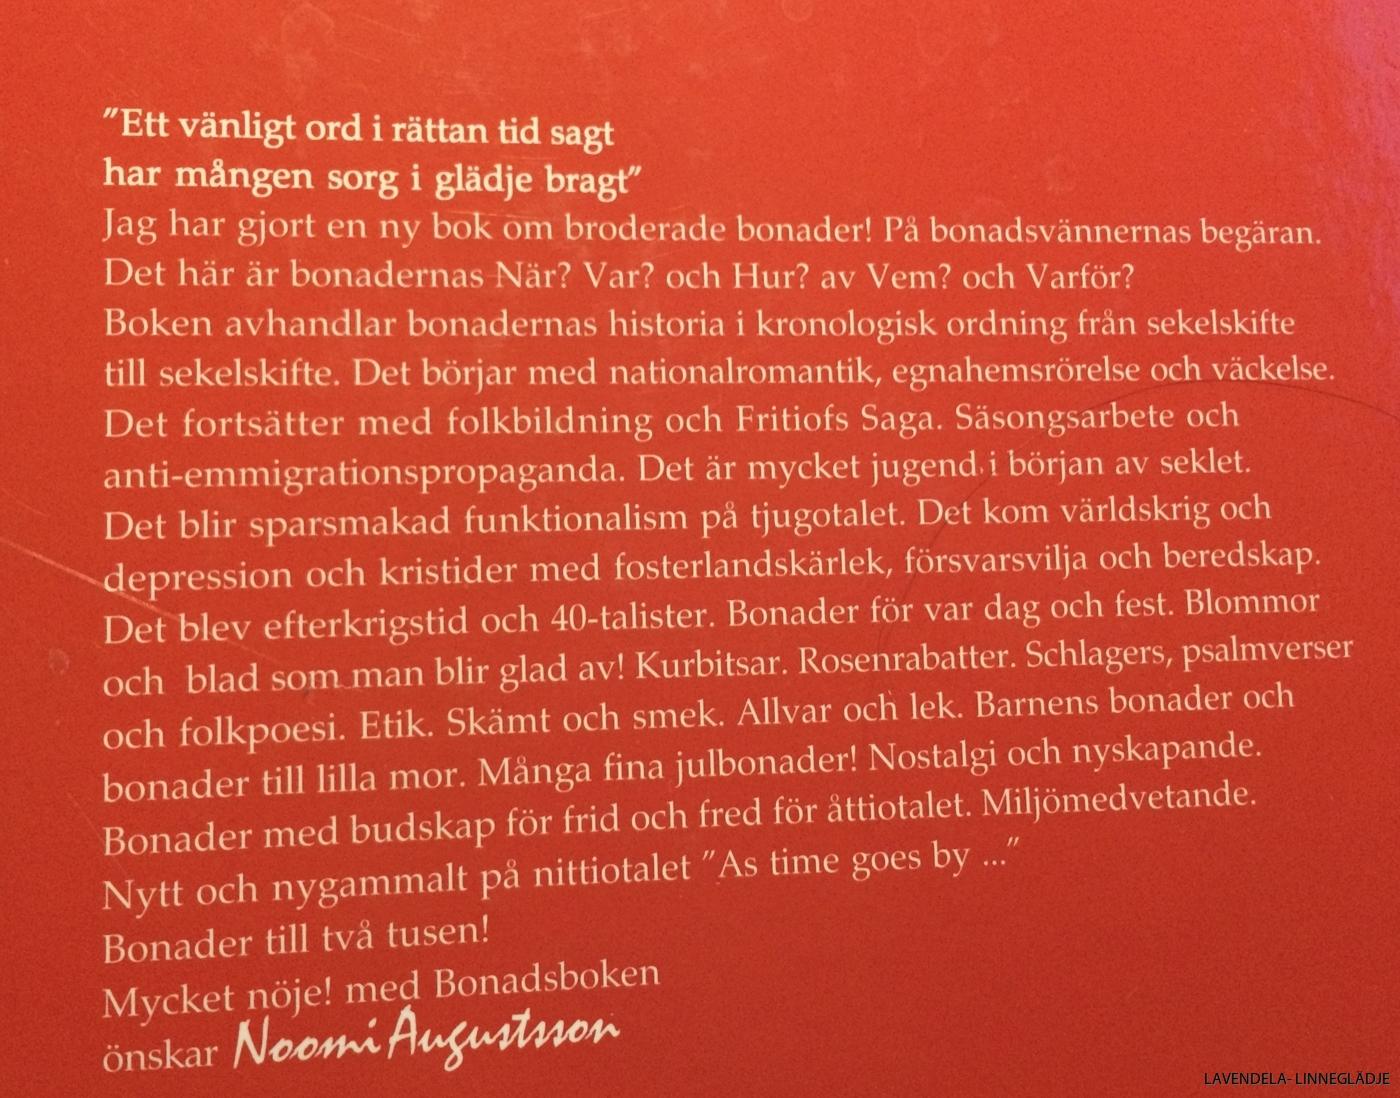 Författare: Noomi Augustsson